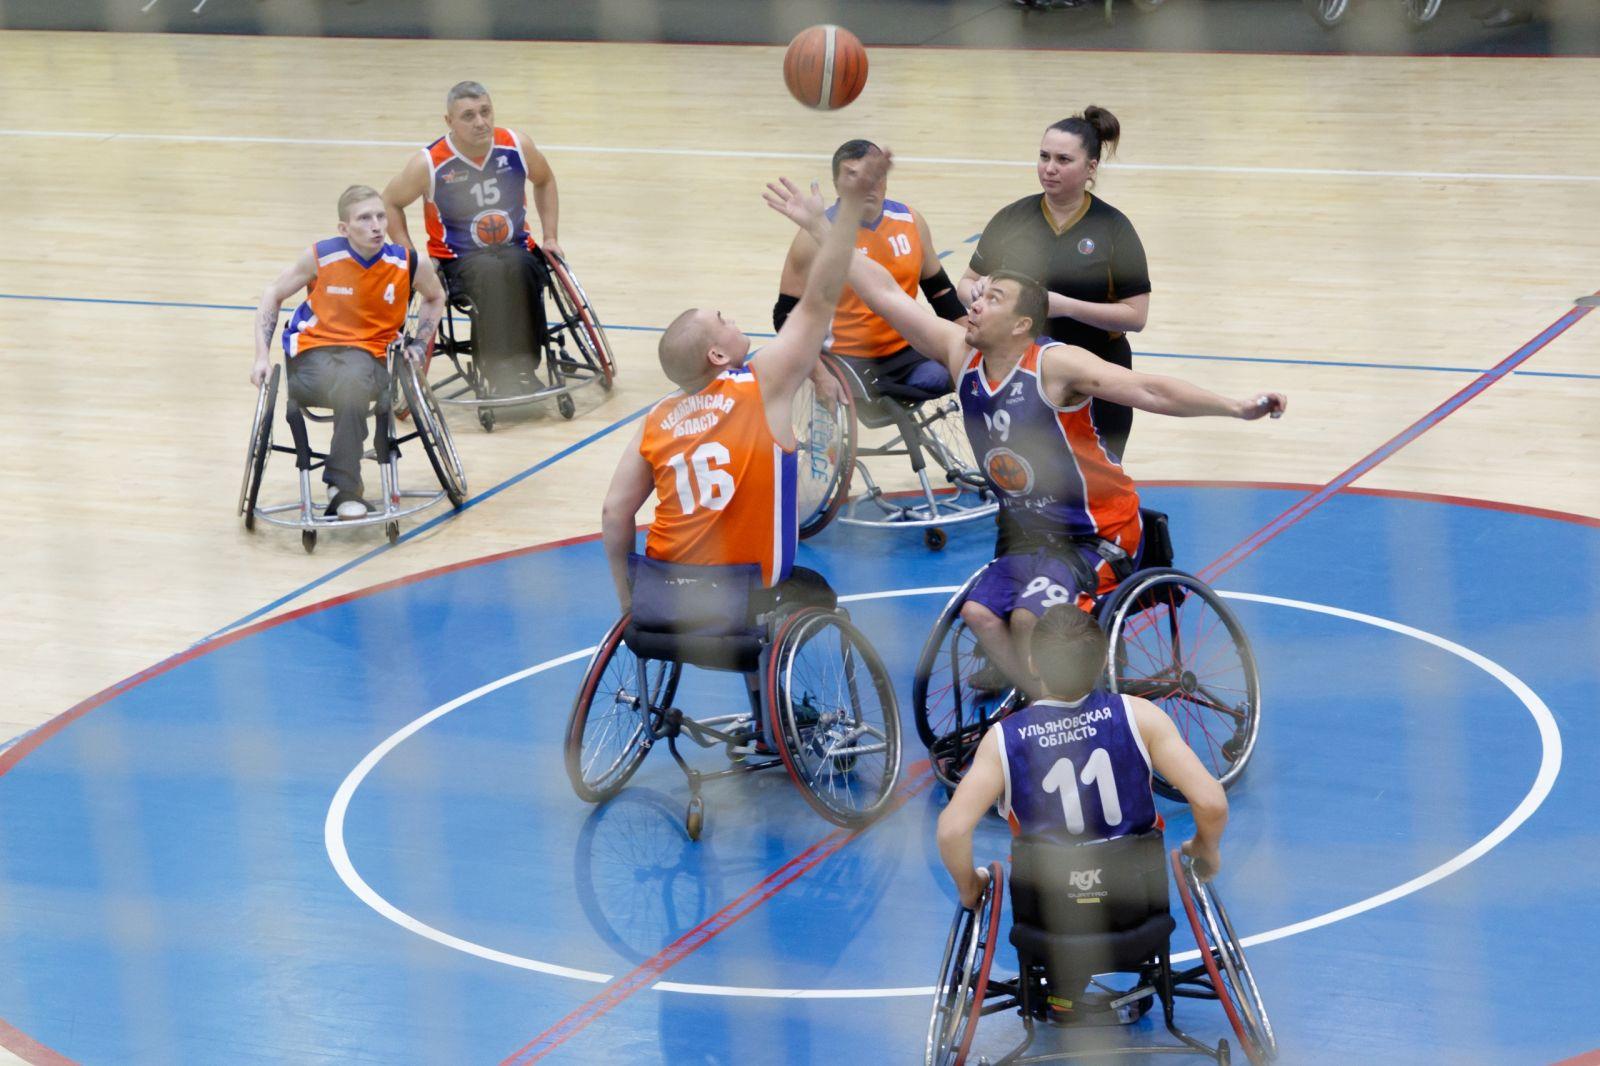 В Тульской области на РУТБ «Ока» стартовал 2 круг чемпионата России по баскетболу на колясках